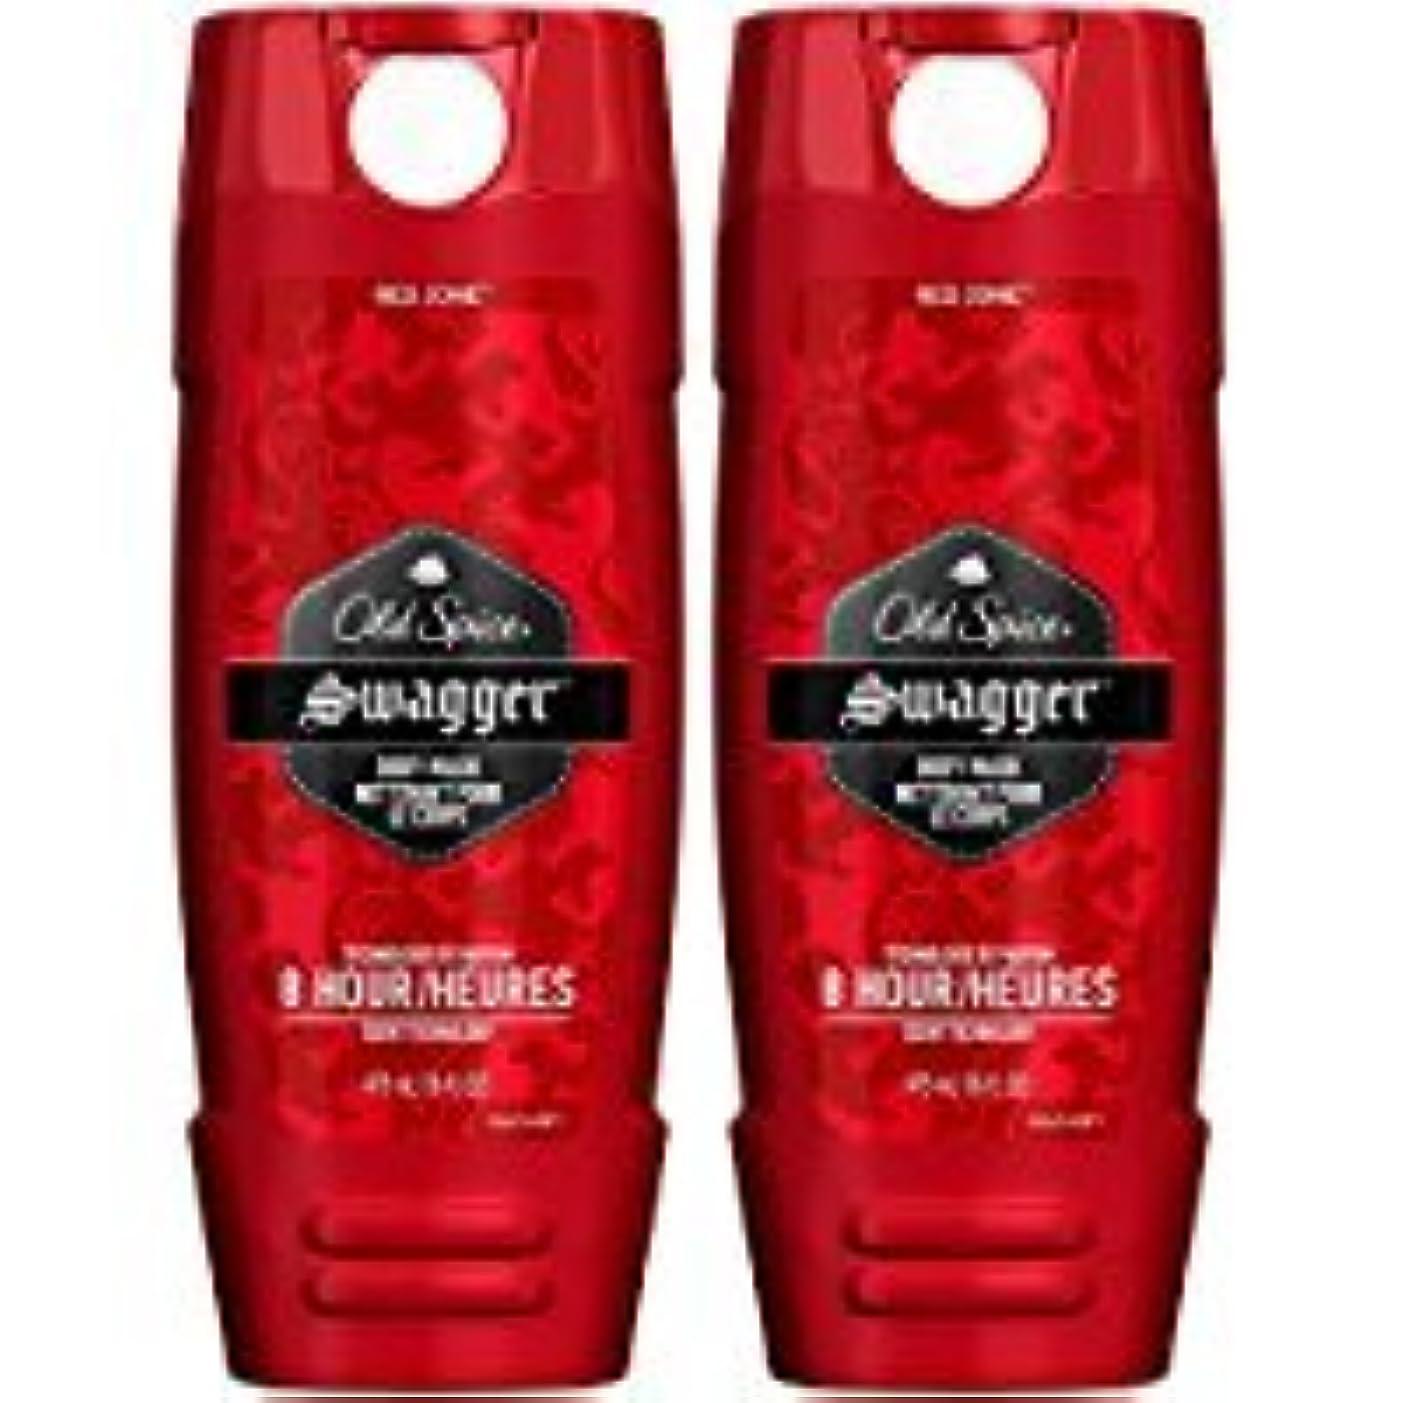 初期の保証ギャロップOld Spice (スワガー) ボディーウォッシュ 2本 [並行輸入品]